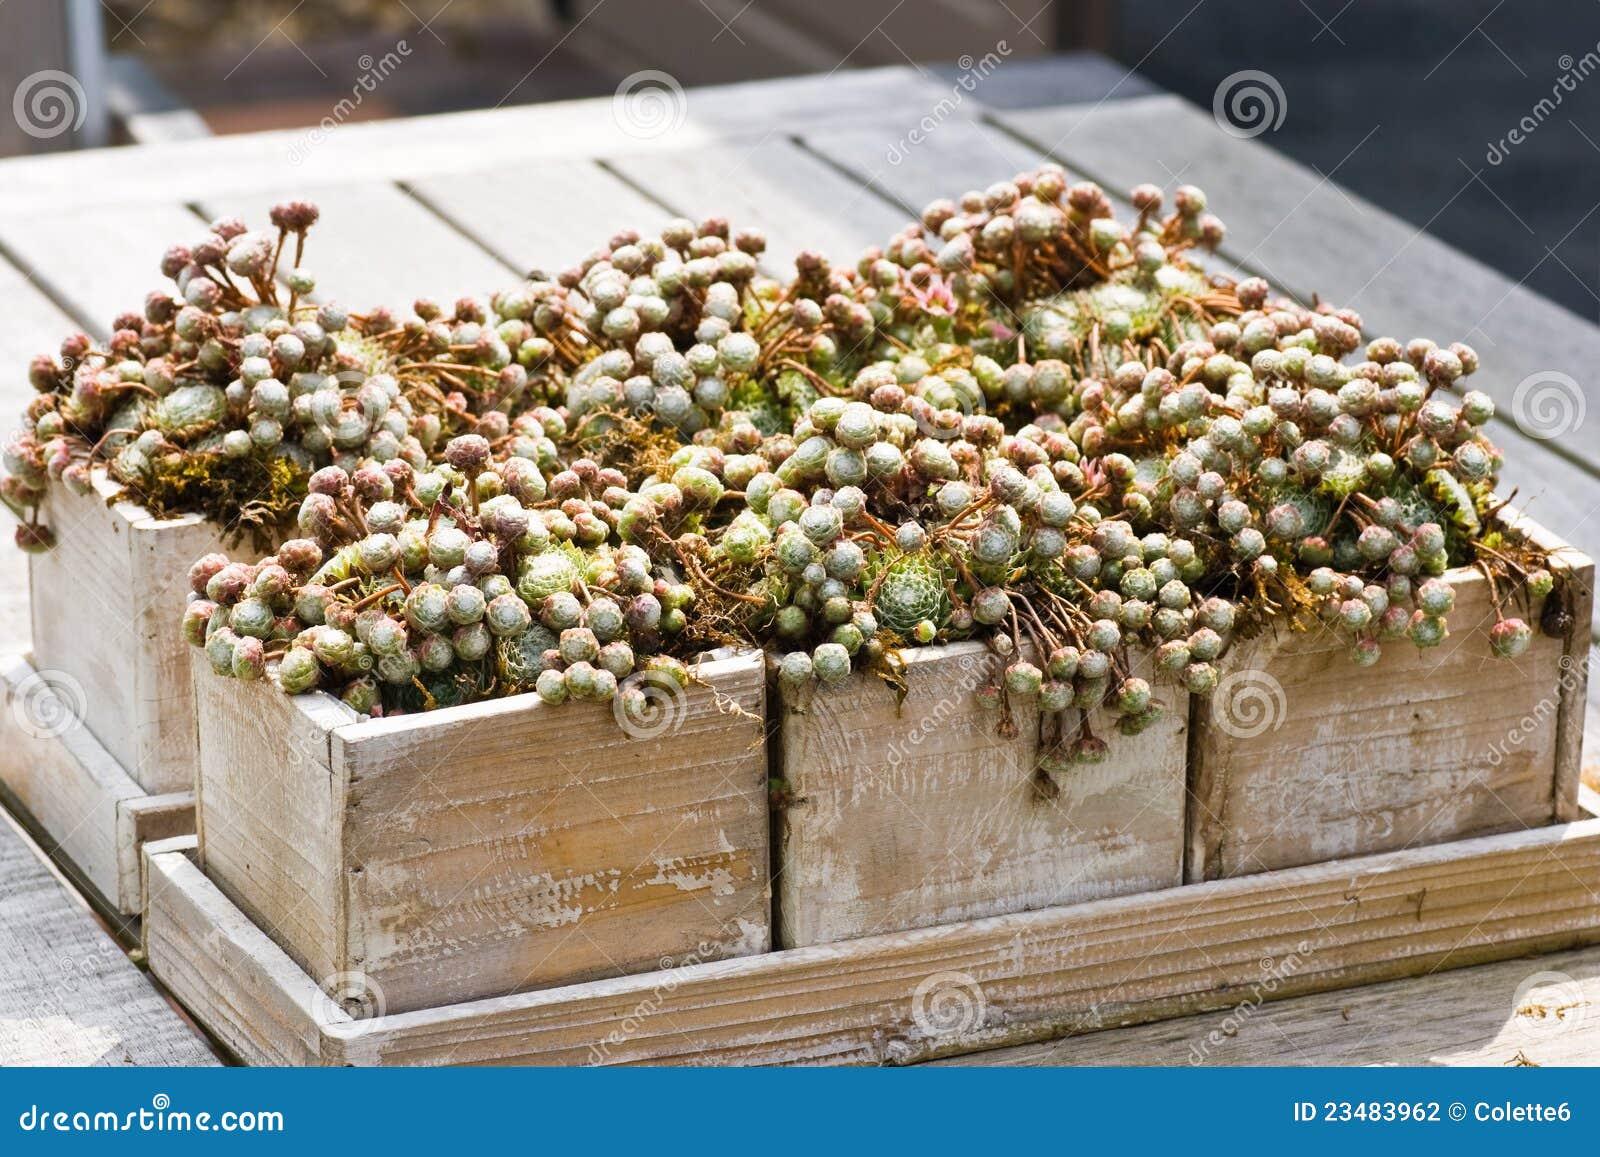 Caixas De Madeira Com Plantas De Sempervivum Fotografia de Stock  #82A229 1300x957